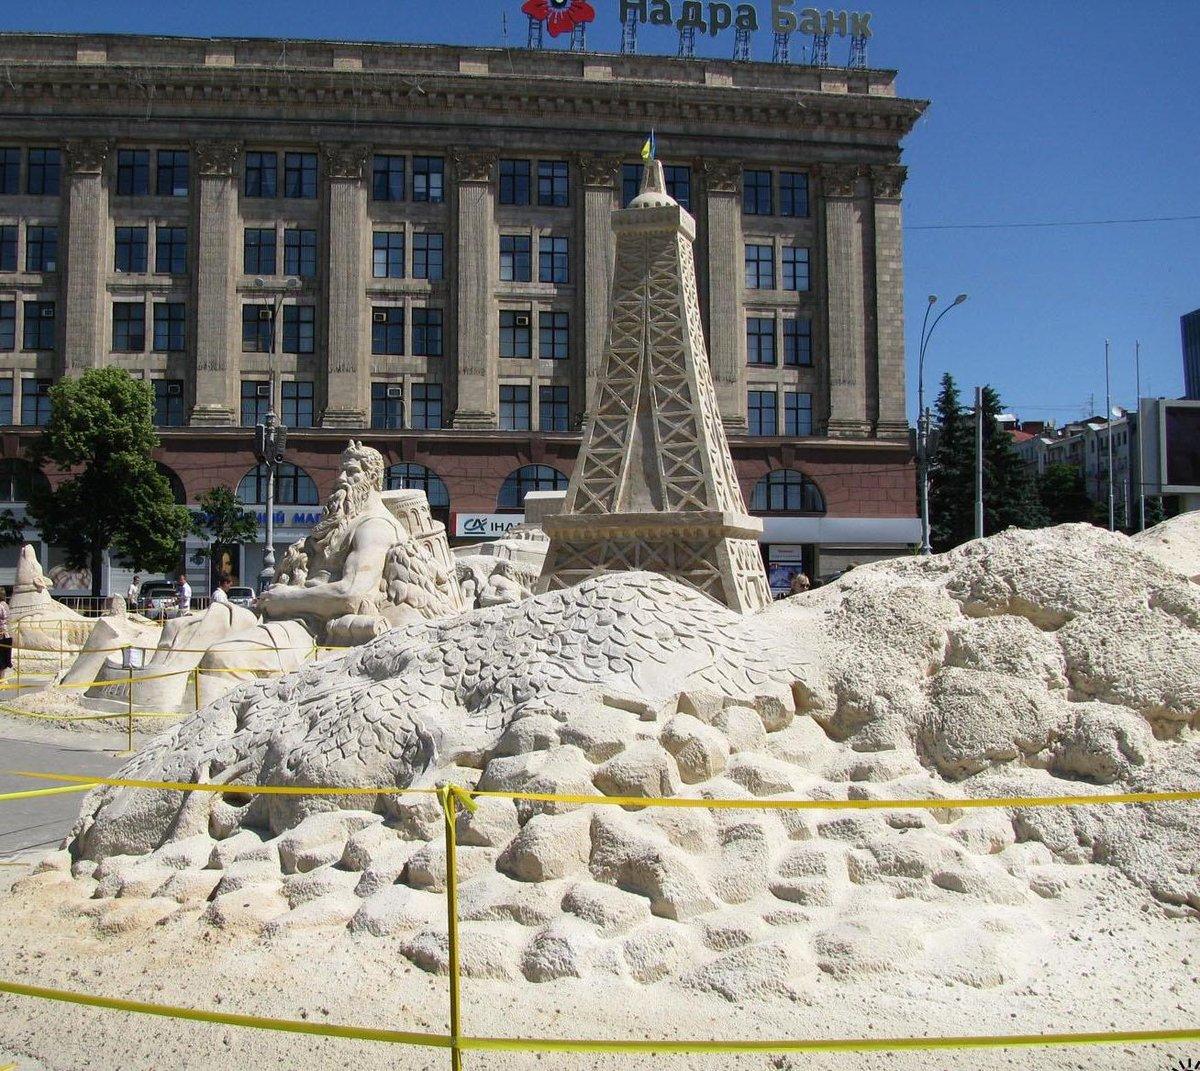 харьков украина фото архитектура скульптура всего его применяют